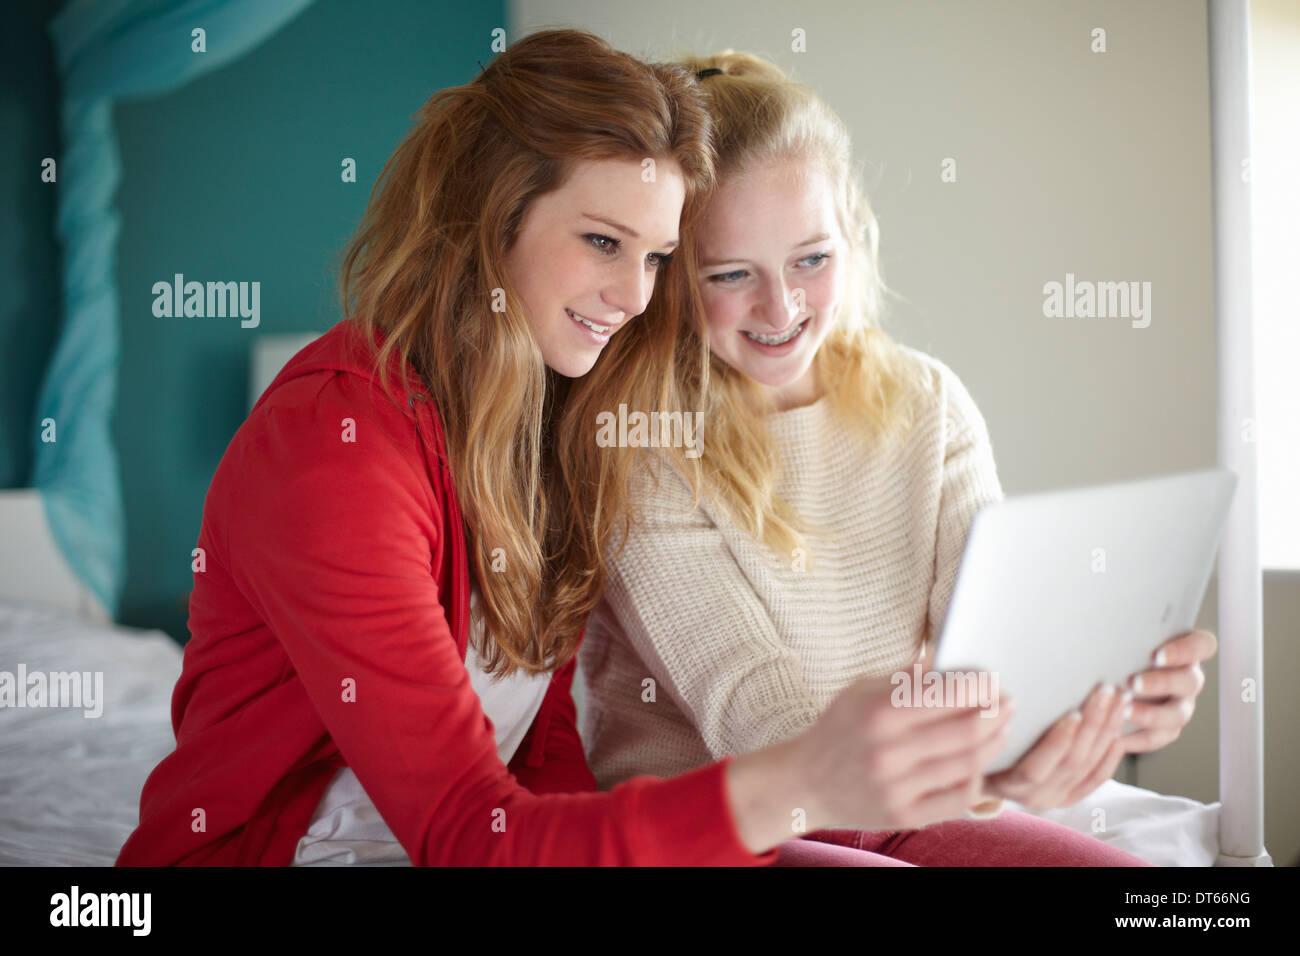 Two teenage girls looking at digital tablet in bedroom - Stock Image